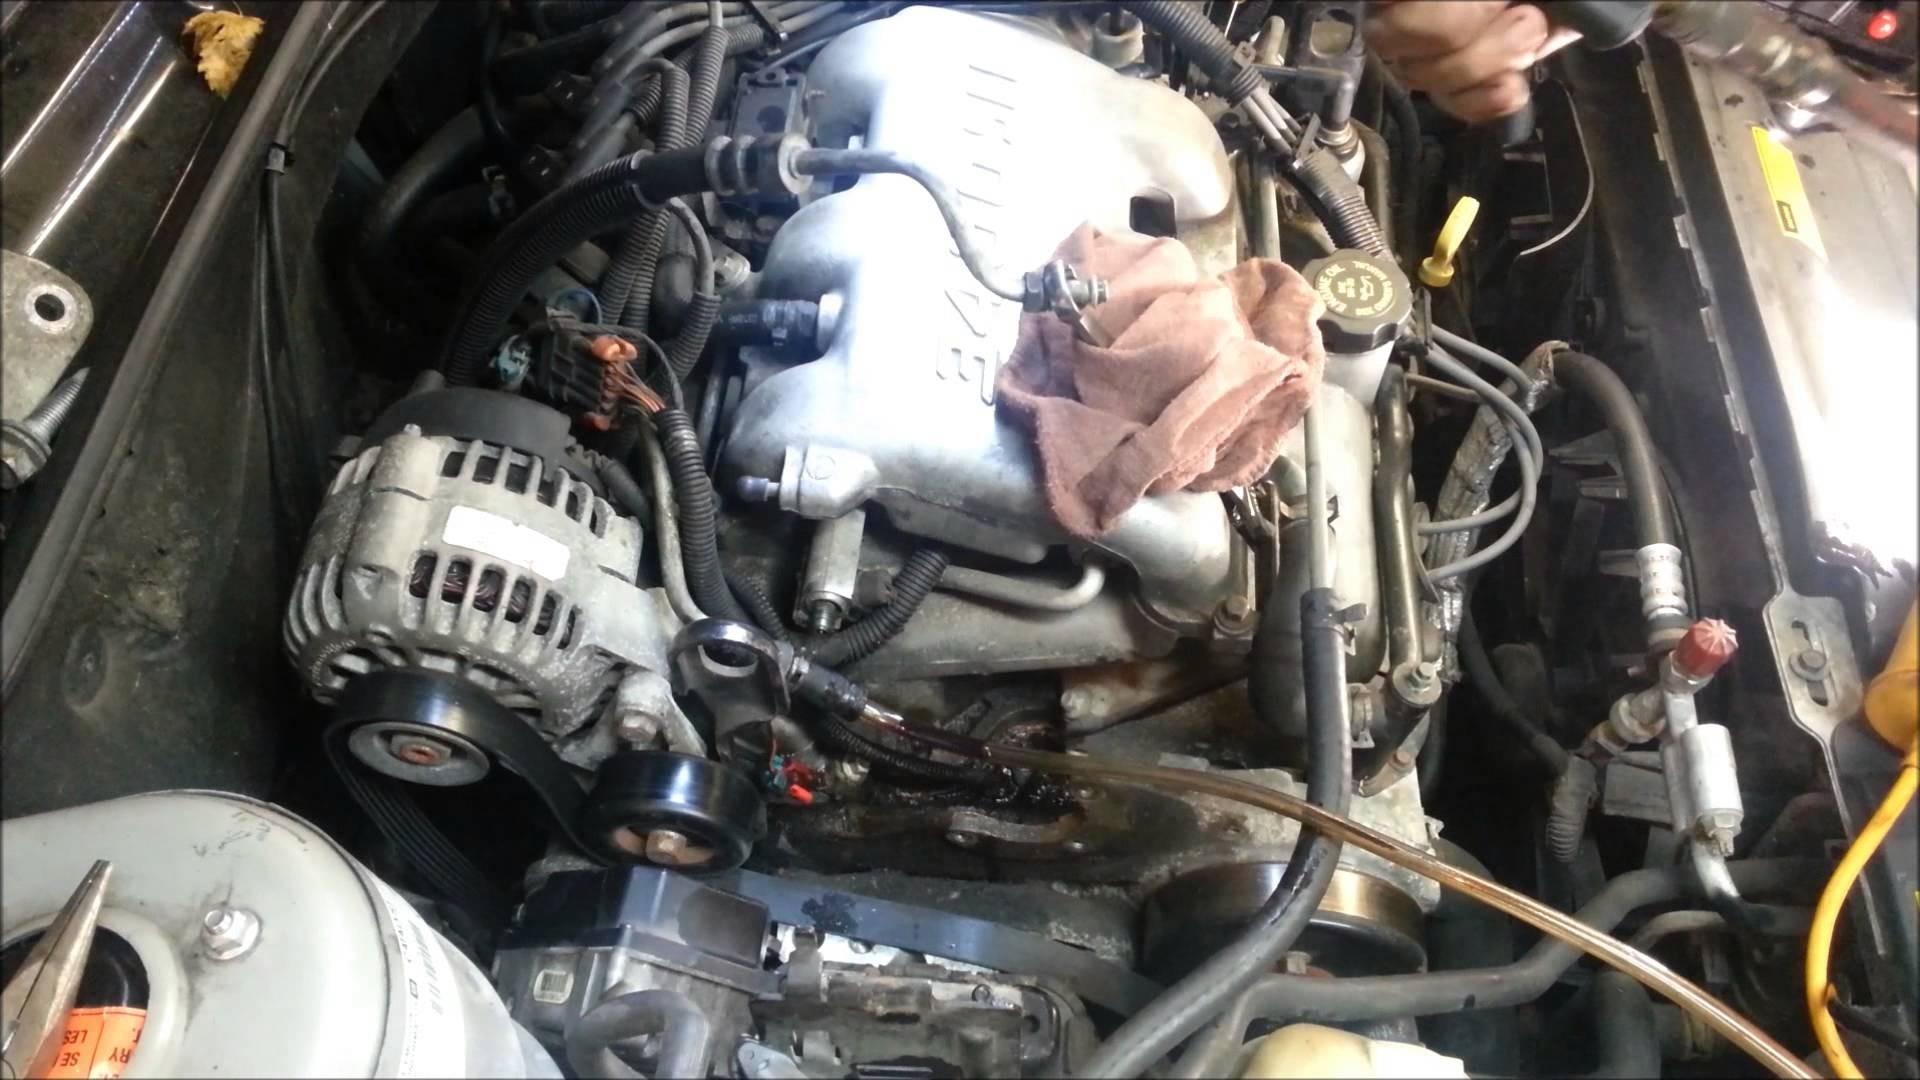 03 Grand Am Engine Diagram Wiring Diagram Report A Report A Maceratadoc It